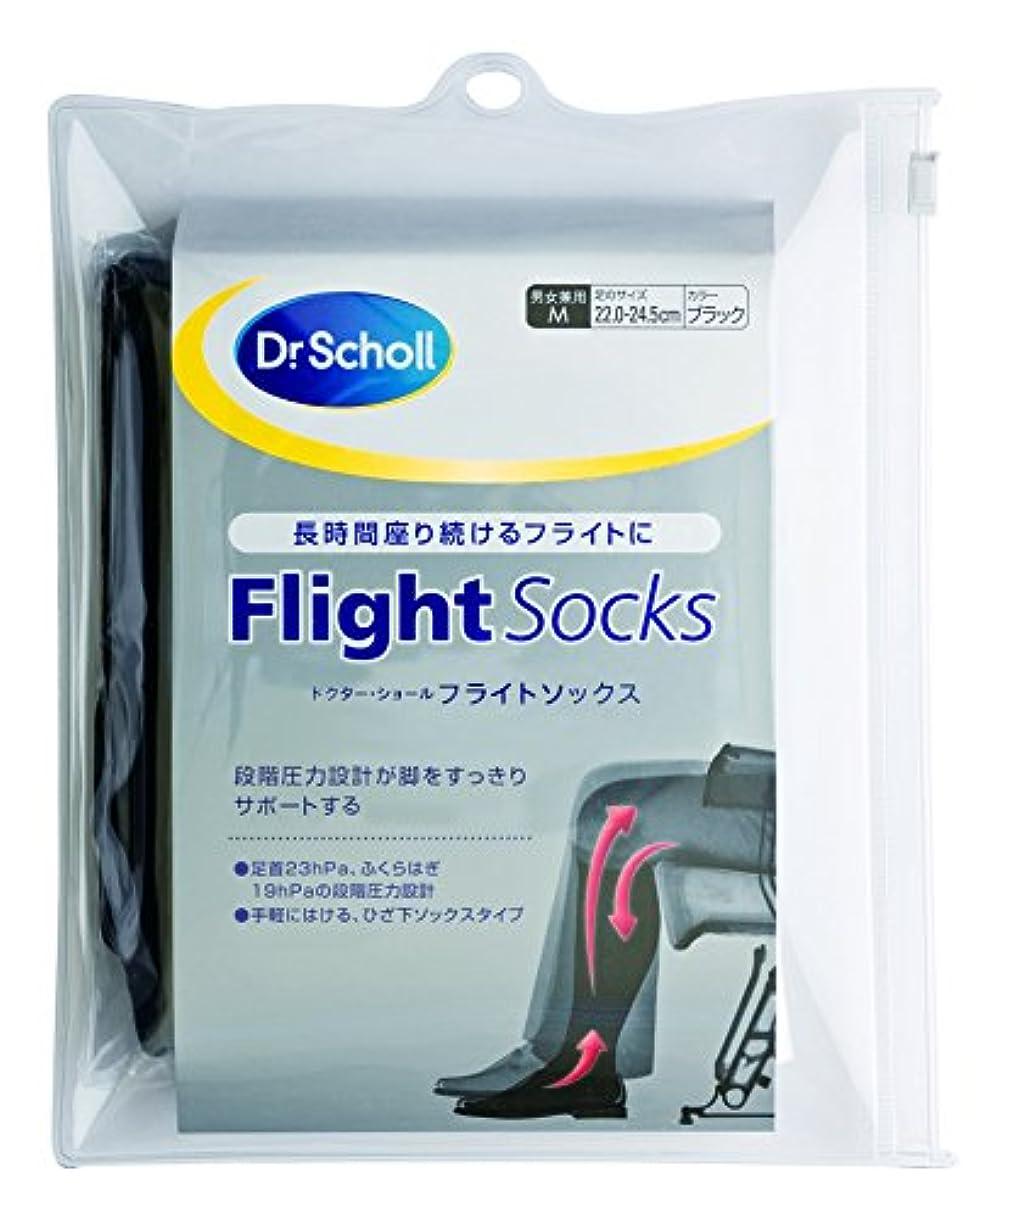 真向こう靴下改善ドクターショール フライトソックス M 男女兼用 むくみ